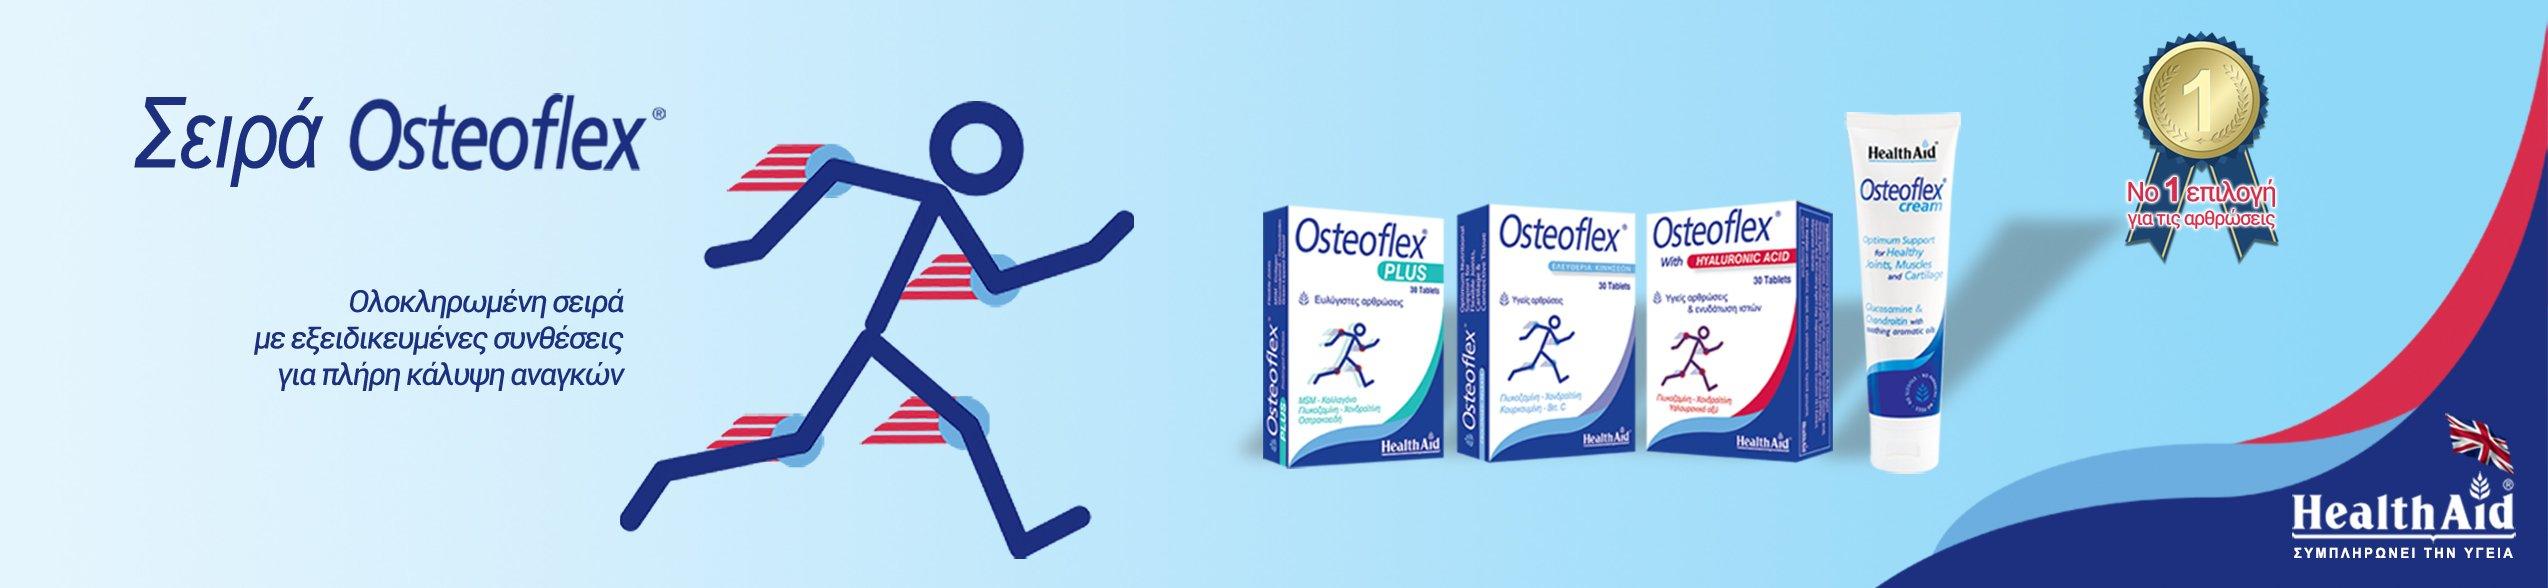 Ηealth Aid Osteoflex ola